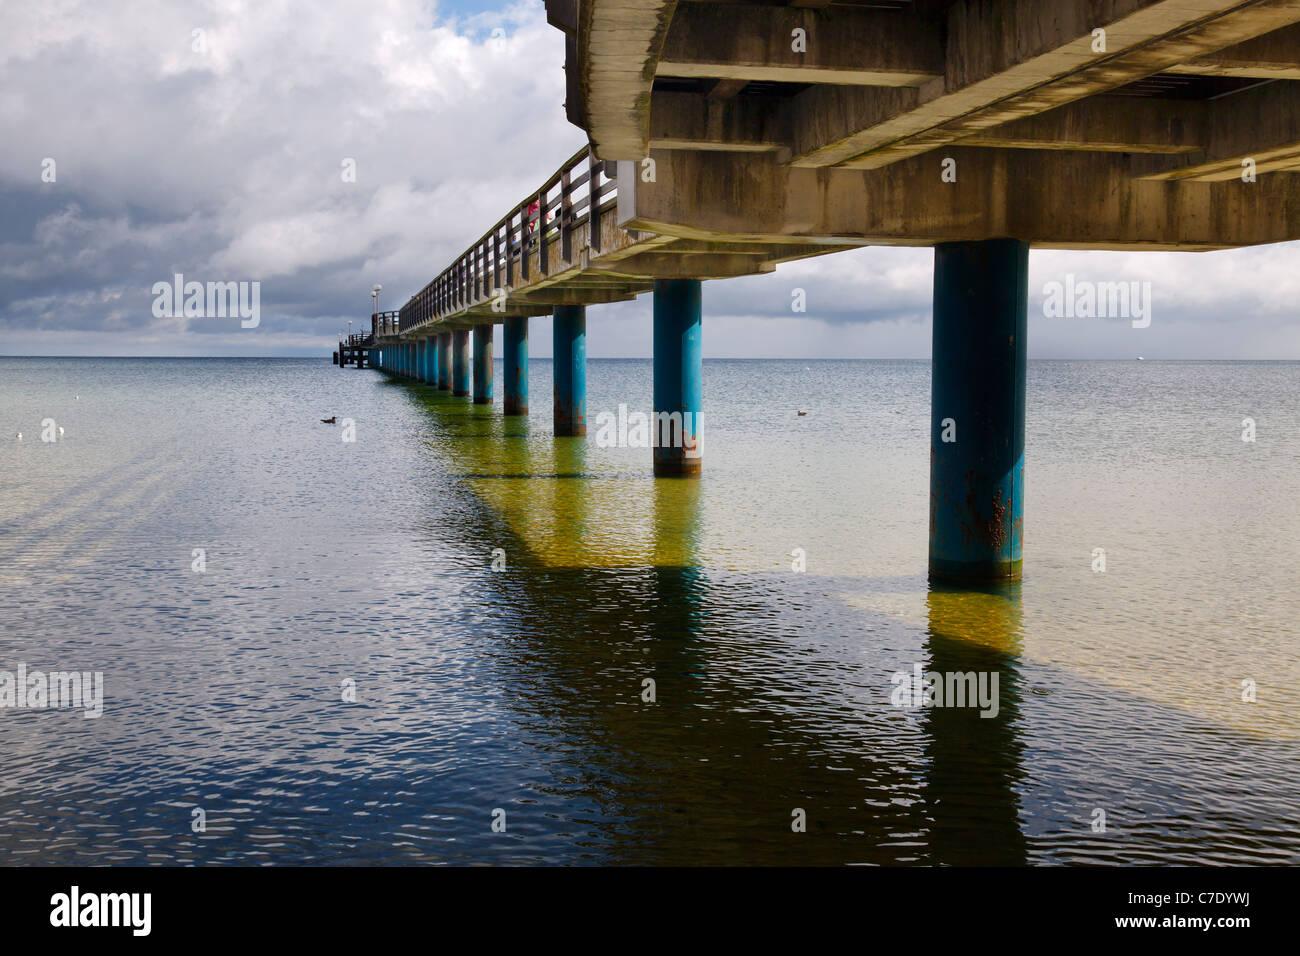 under the pier at Binz, Ruegen, Mecklenburg Vorpommern, Germany Stock Photo